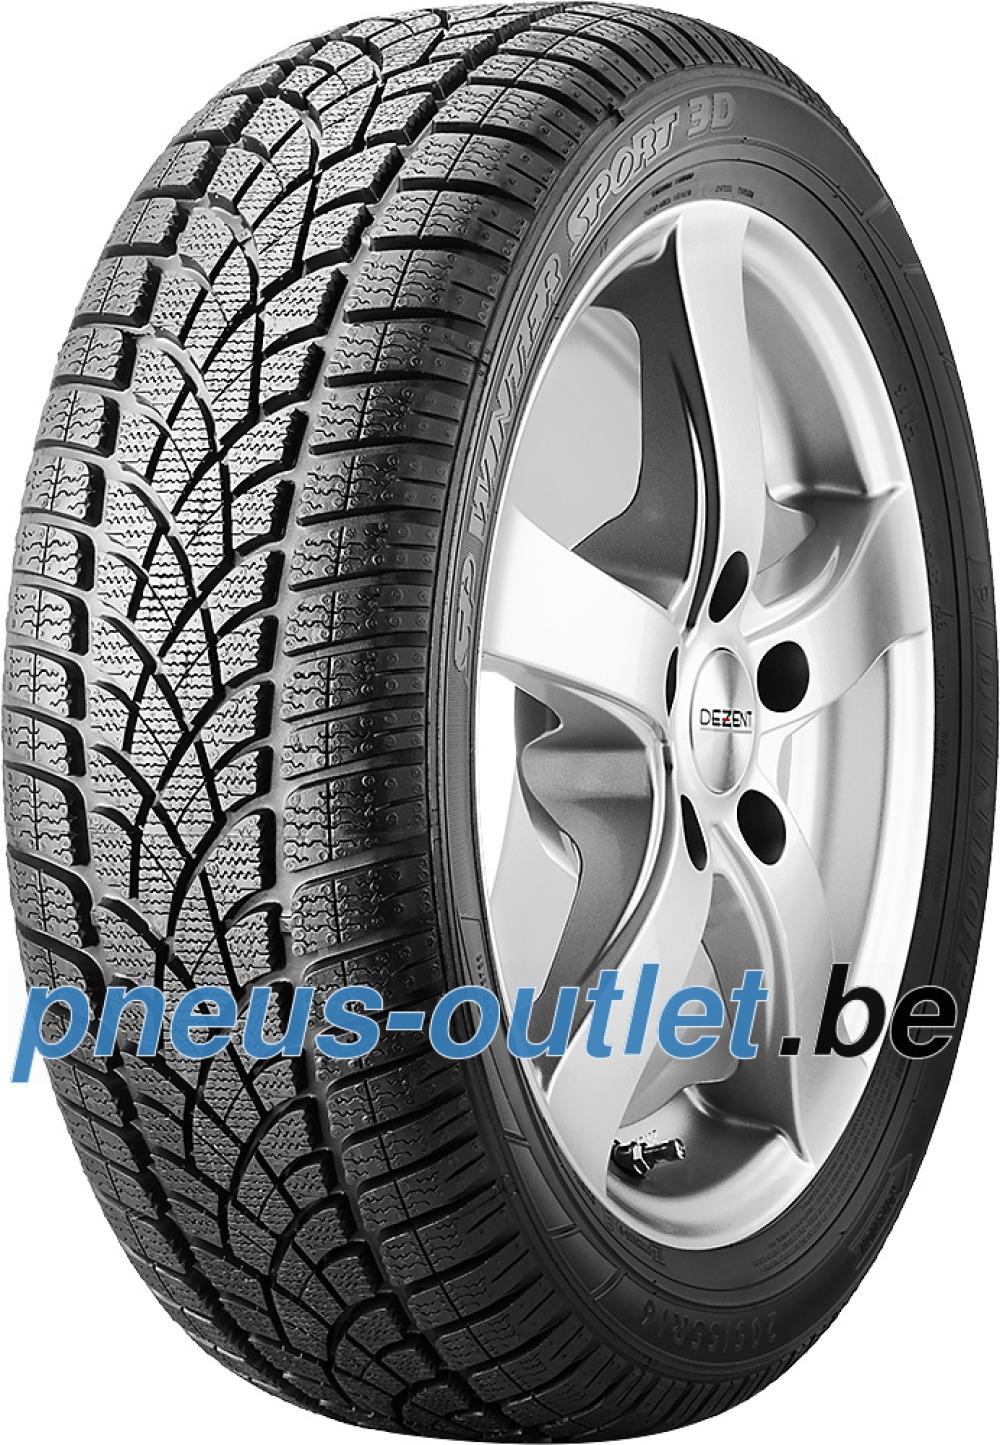 Dunlop SP Winter Sport 3D ( 285/35 R18 101W XL , RO1 )